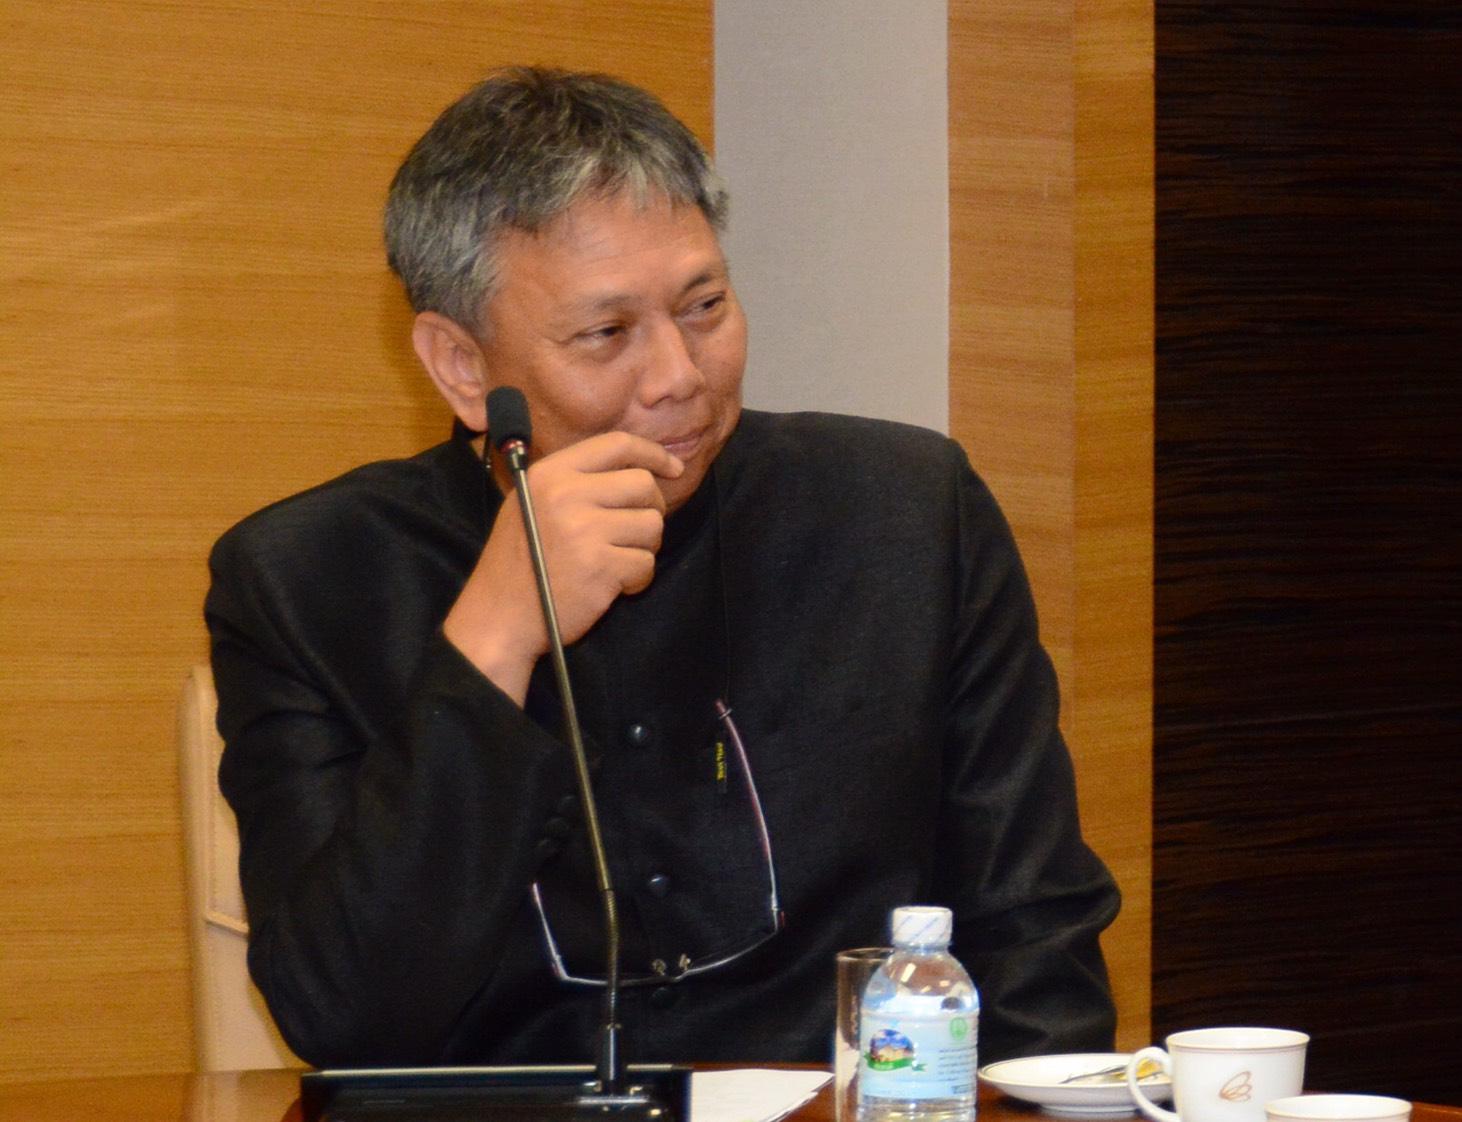 กรมการจัดหางานสนองนโยบายรัฐบาลสู่การเป็น Smart Thailand ในการใช้เทคโนโลยี